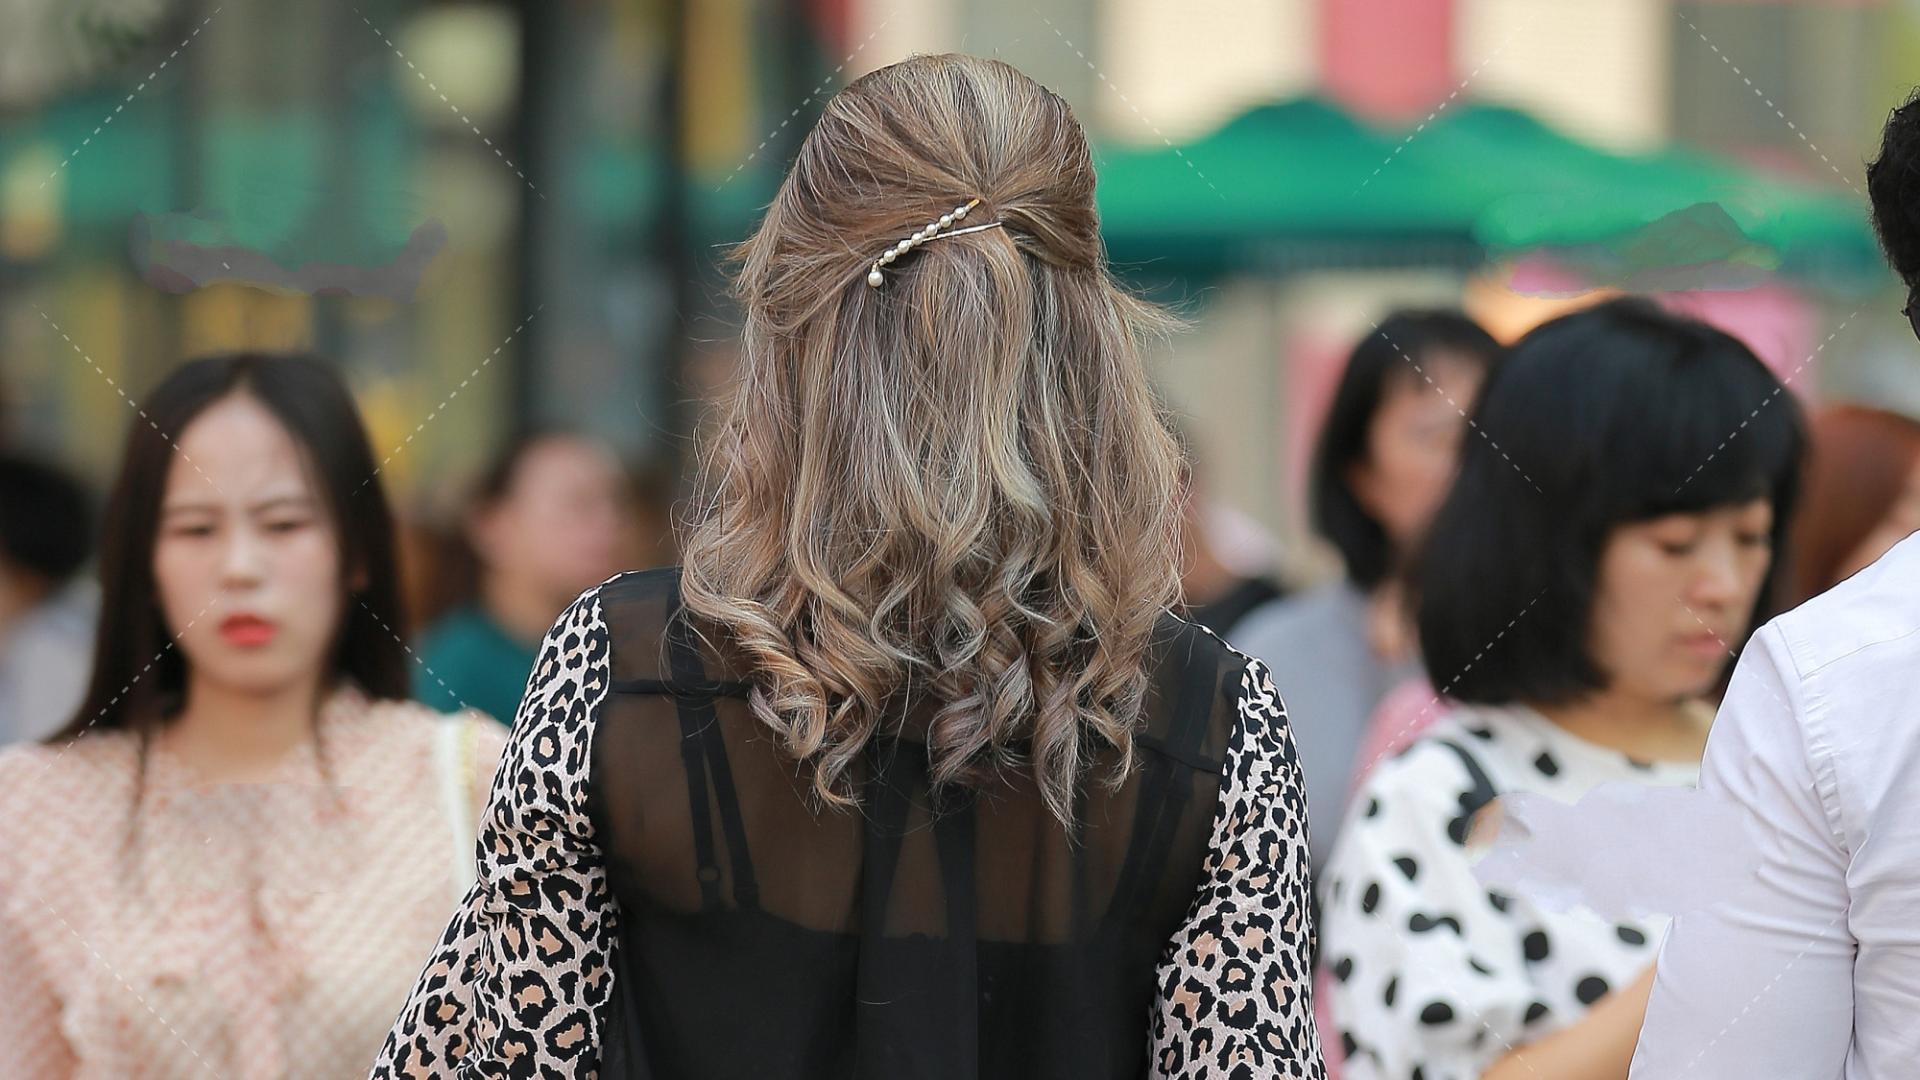 豹纹无领开衫外套内搭黑色内衣,将欧美女性的野性爆发出来